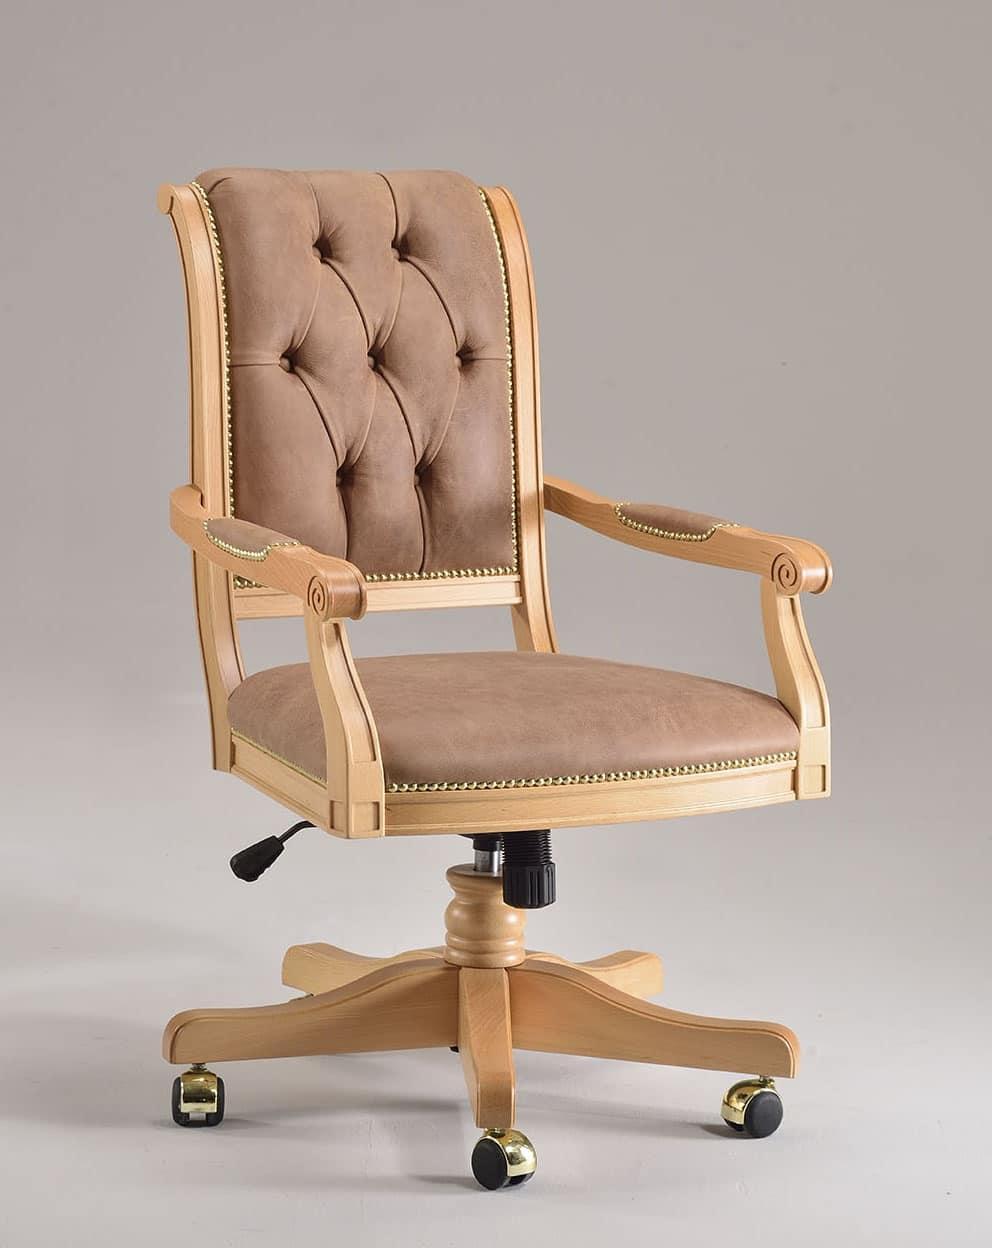 Sedia classica girevole imbottita per uffici direzionali - Sedie e poltrone ufficio ...